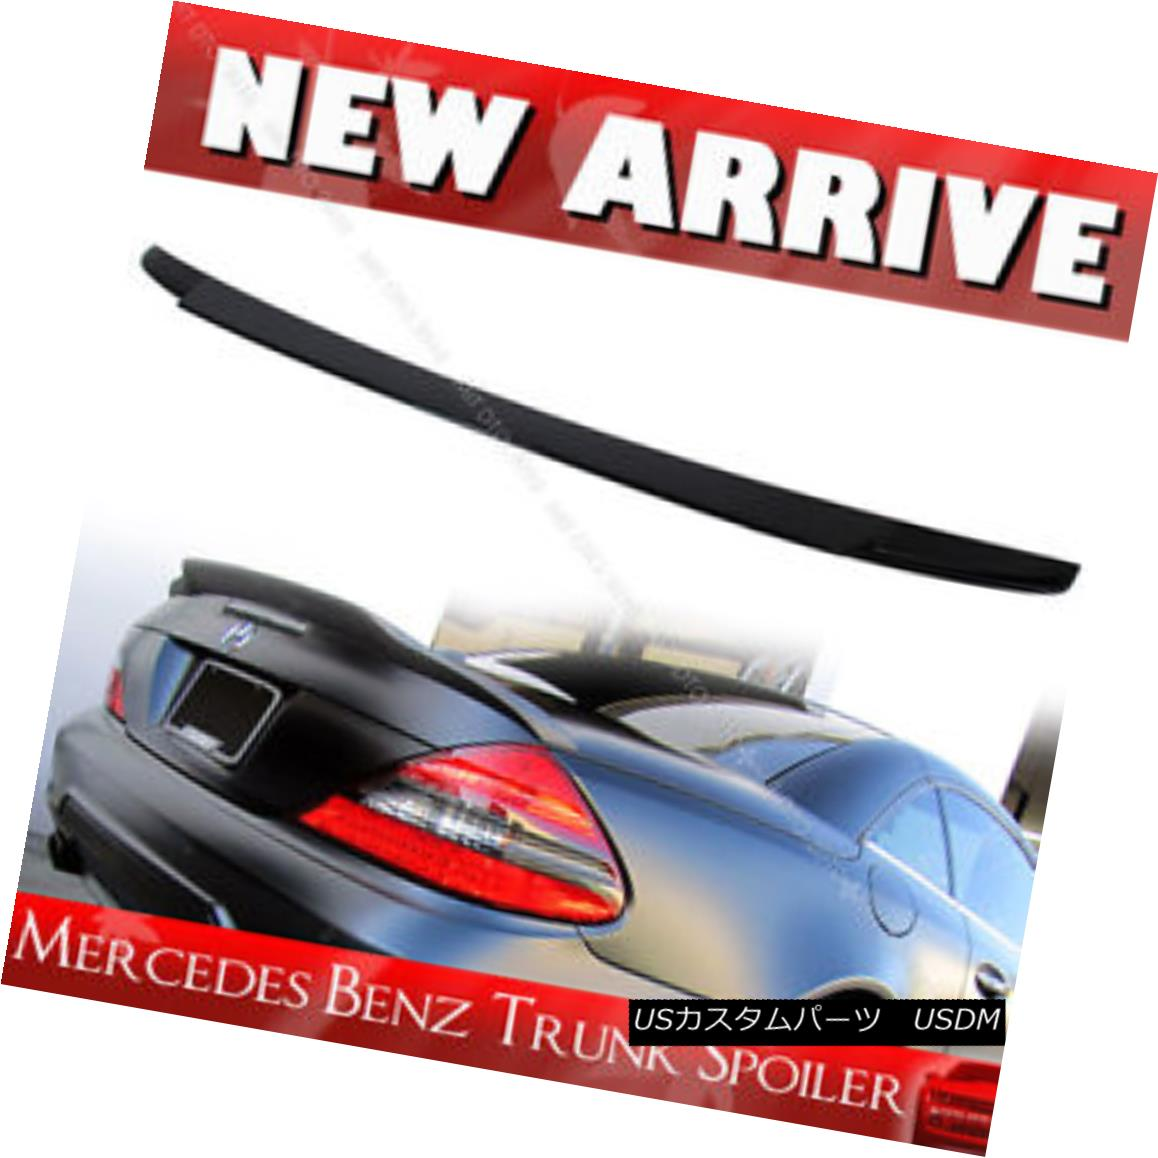 For AUDI A3 S3 V Style Carbon Fiber Rear Trunk Spoiler Lip Sedan 4-D 2014 2015